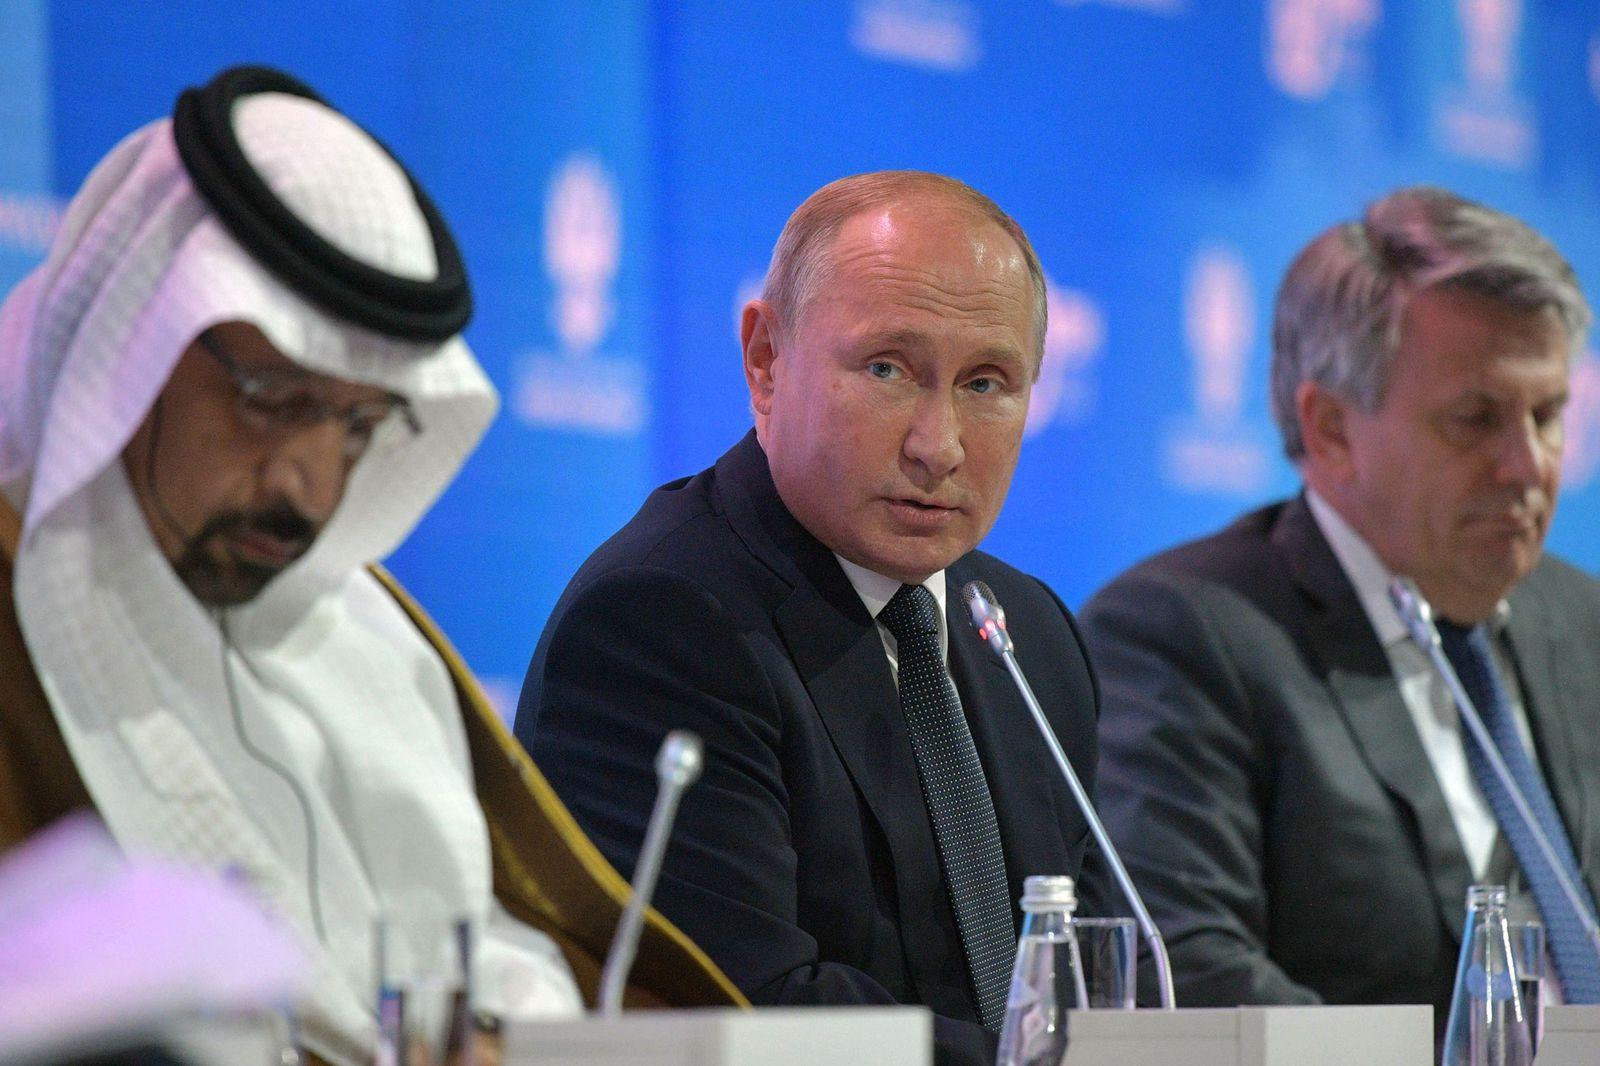 Putin/ Skripal